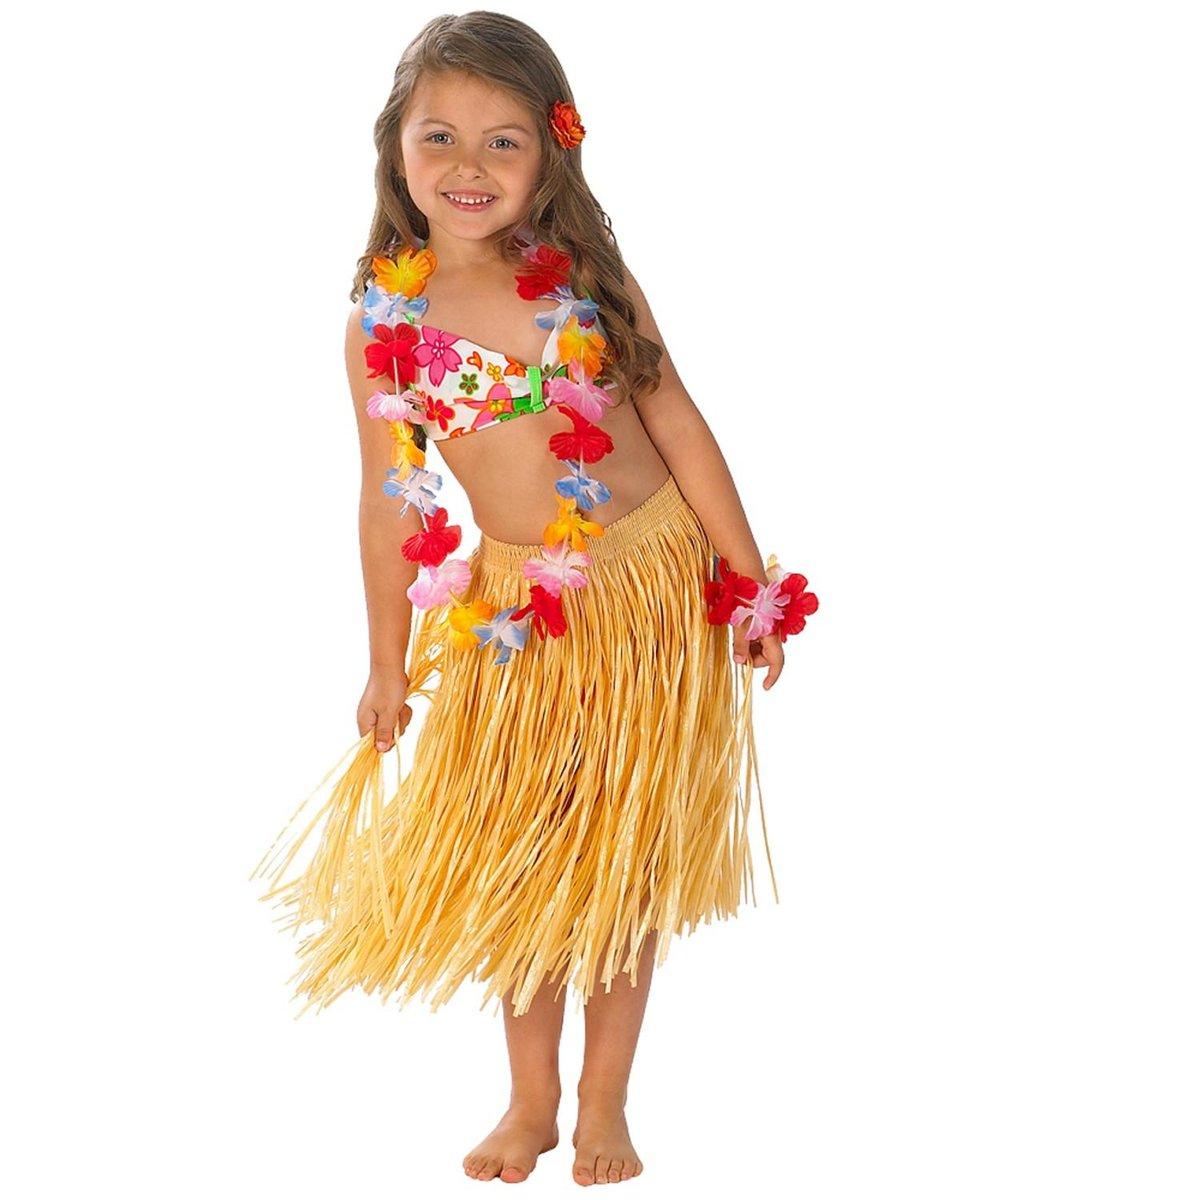 Гавайская юбка своими руками - как сделать? 82